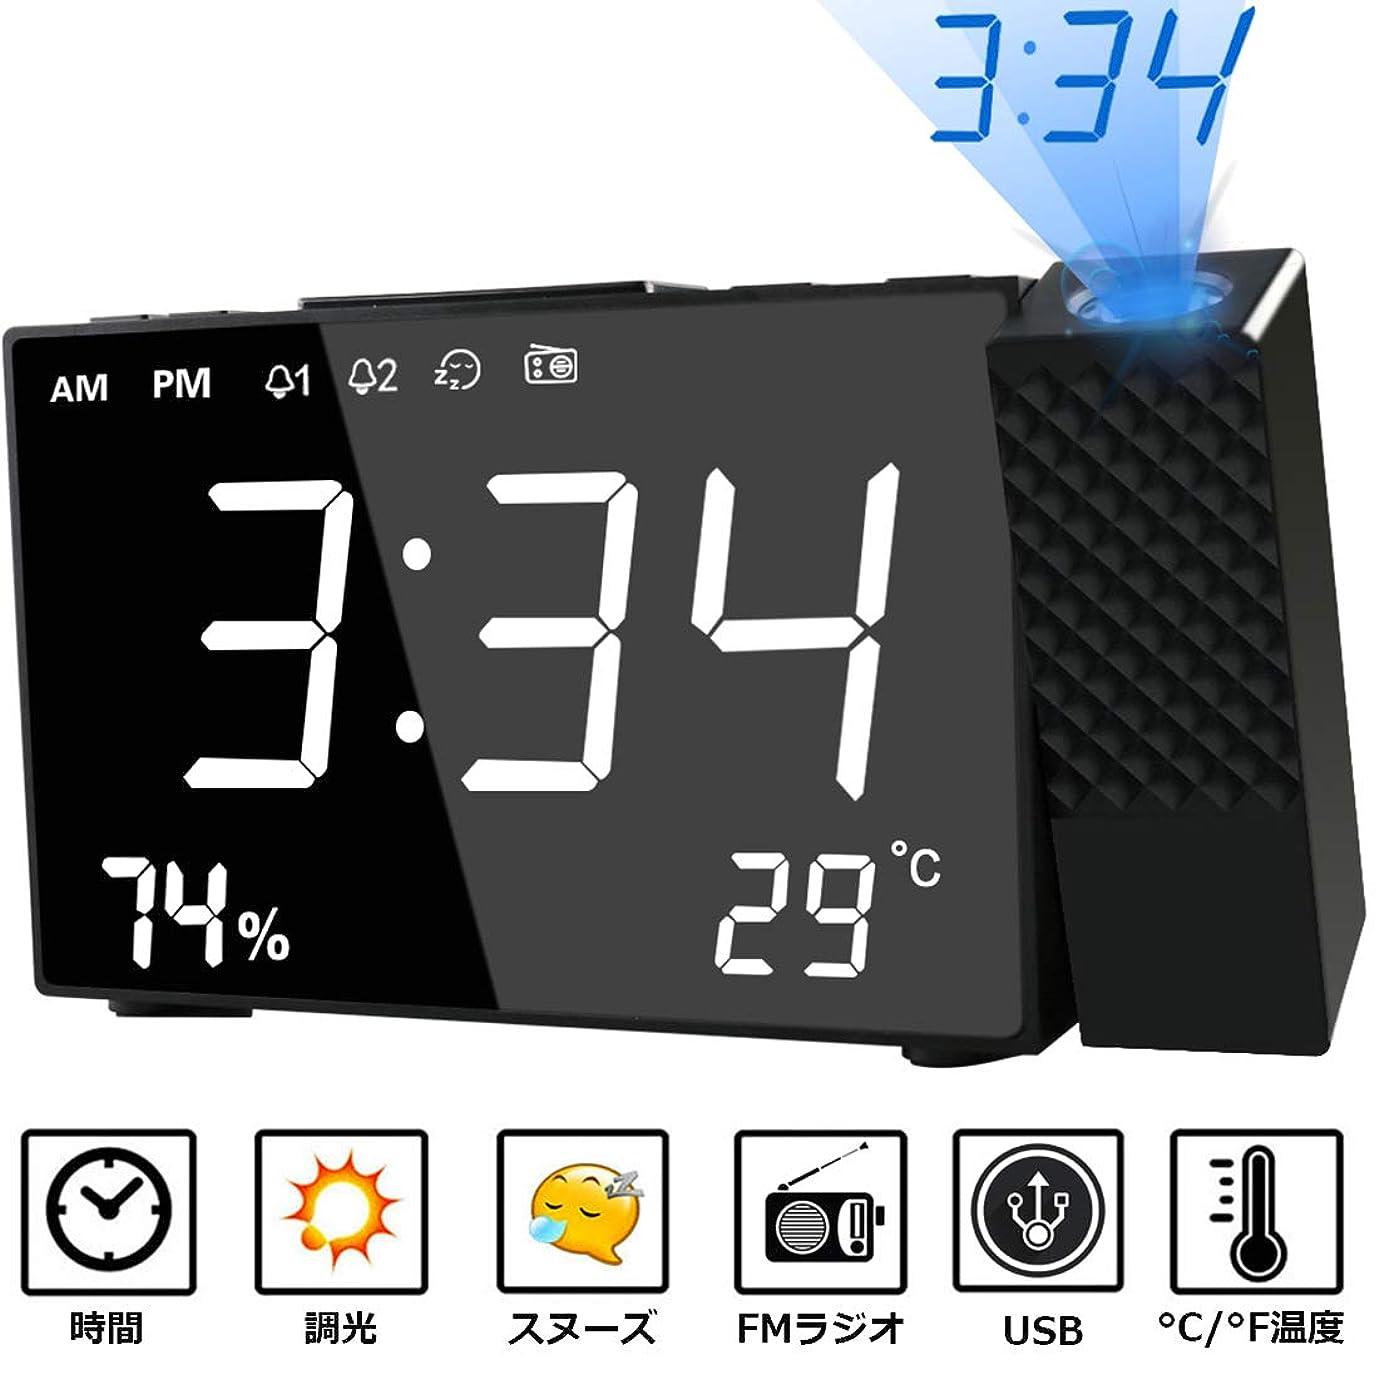 選択する少し発表する目覚まし時計 光 LEDライト Helius 目覚ましライト ベッドサイドランプ 小型 LEDデスクライト Wake Up Light 置き時計 デジタル時計 温度湿度計 ベッドライト テーブルランプ 常夜灯 ベッドサイドクロック卓上 スタンドライト デスクスタンド ランプシェード ナイトライト デジタル めざまし時計 大音量 ウェイクアップライト アラーム スヌーズ機能 間接照明おしゃれ電気スタンド 照明スタンド 3段階調光 七色切り替え 室内寝室 夜間ライト読書灯 屋外携帯 停電対策 おしゃれ 電波 FMラジオ搭載 USB/電池給電